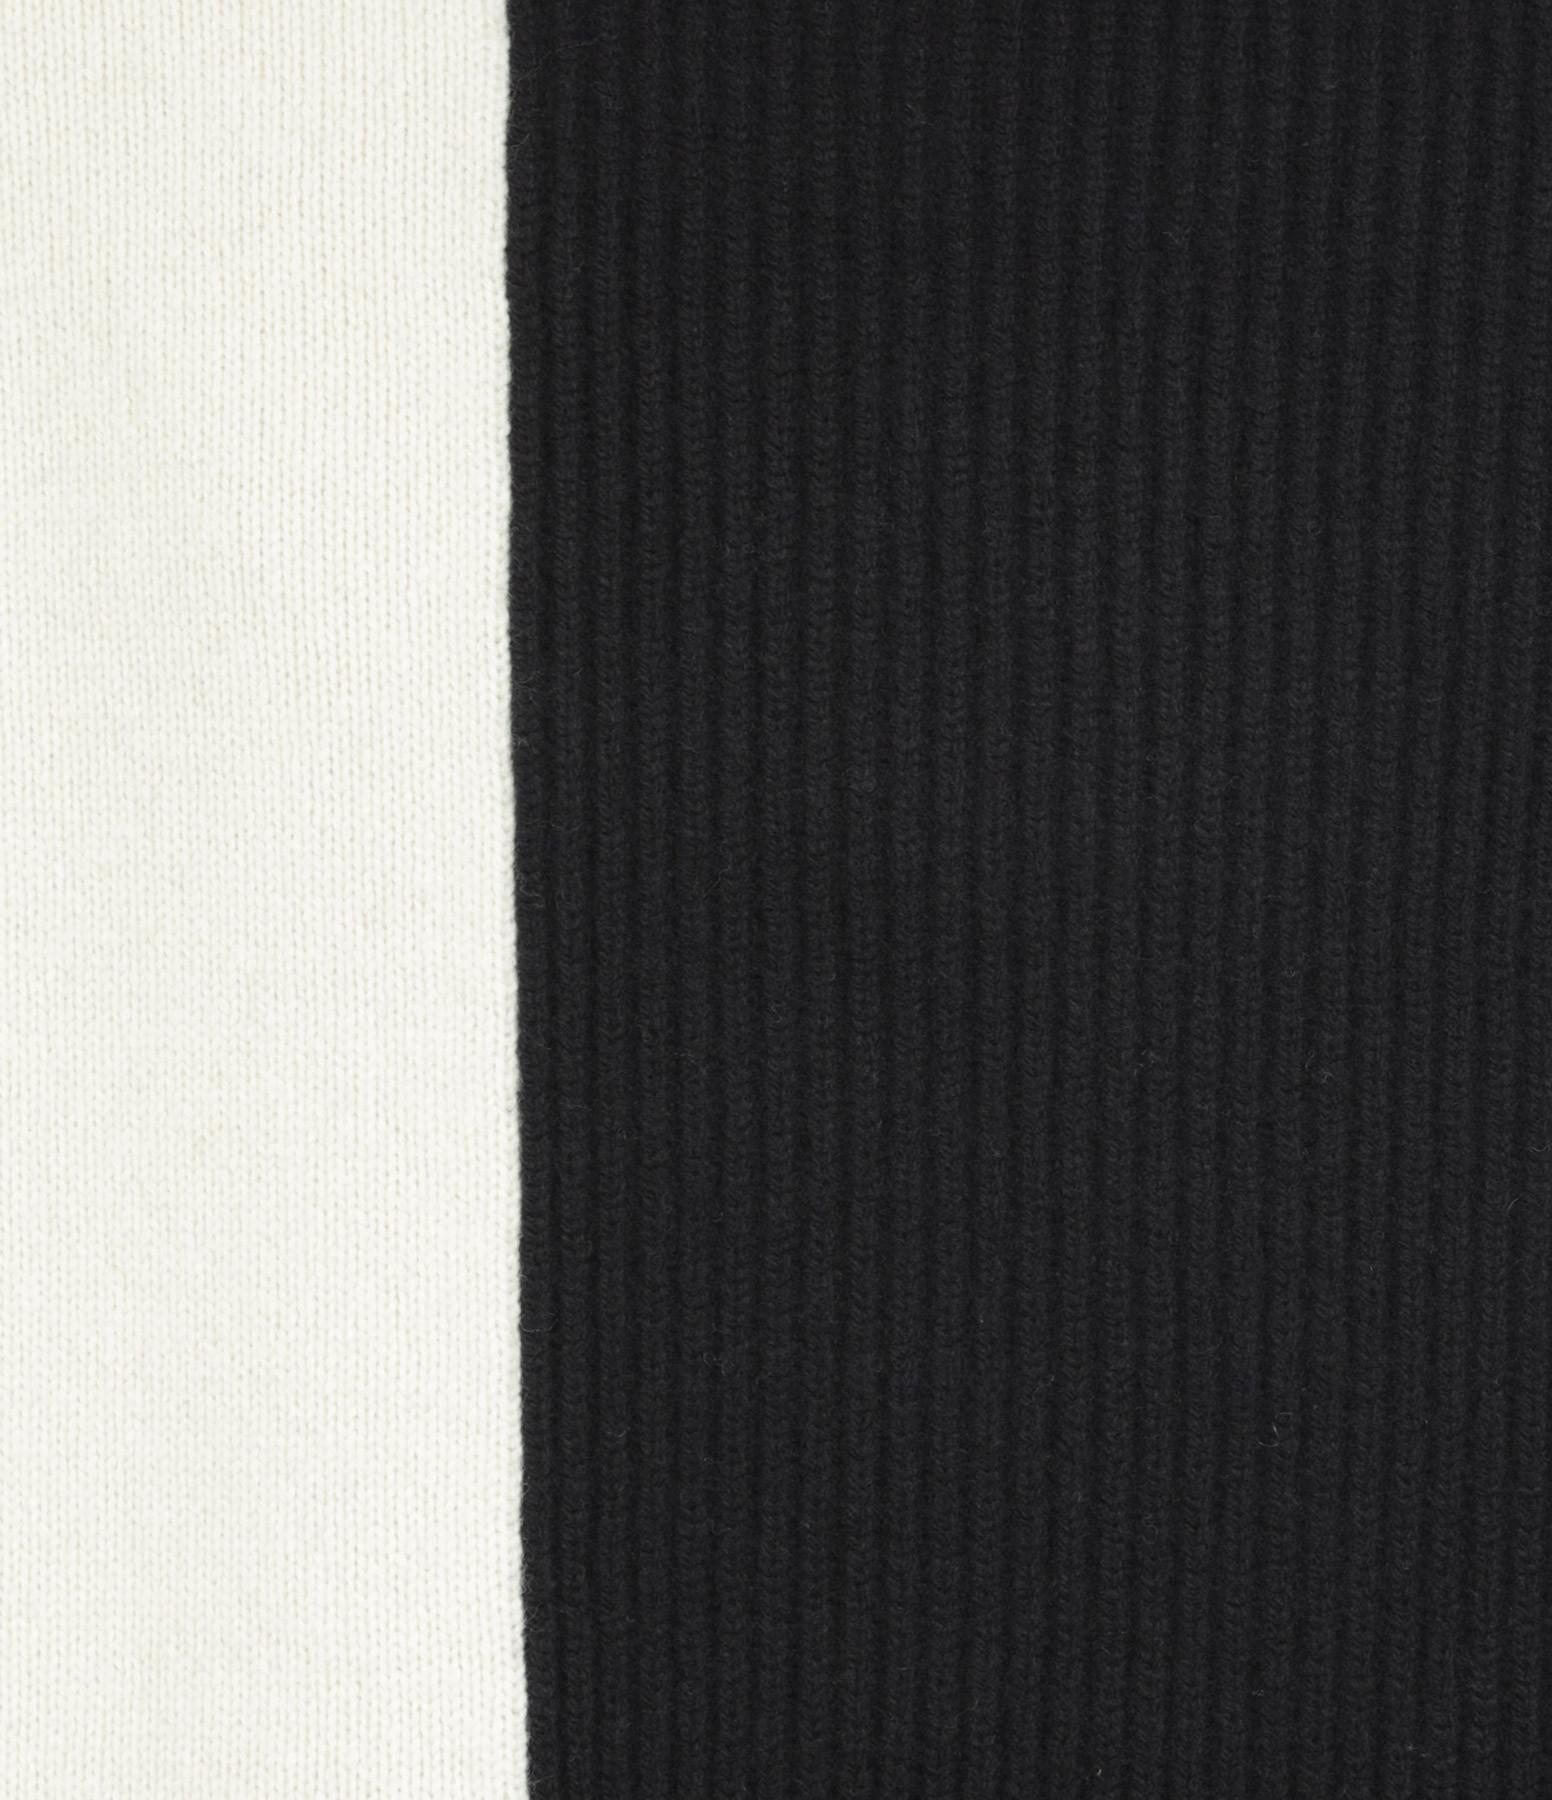 JOSEPH - Pull High Neck Laine Ivoire Noir